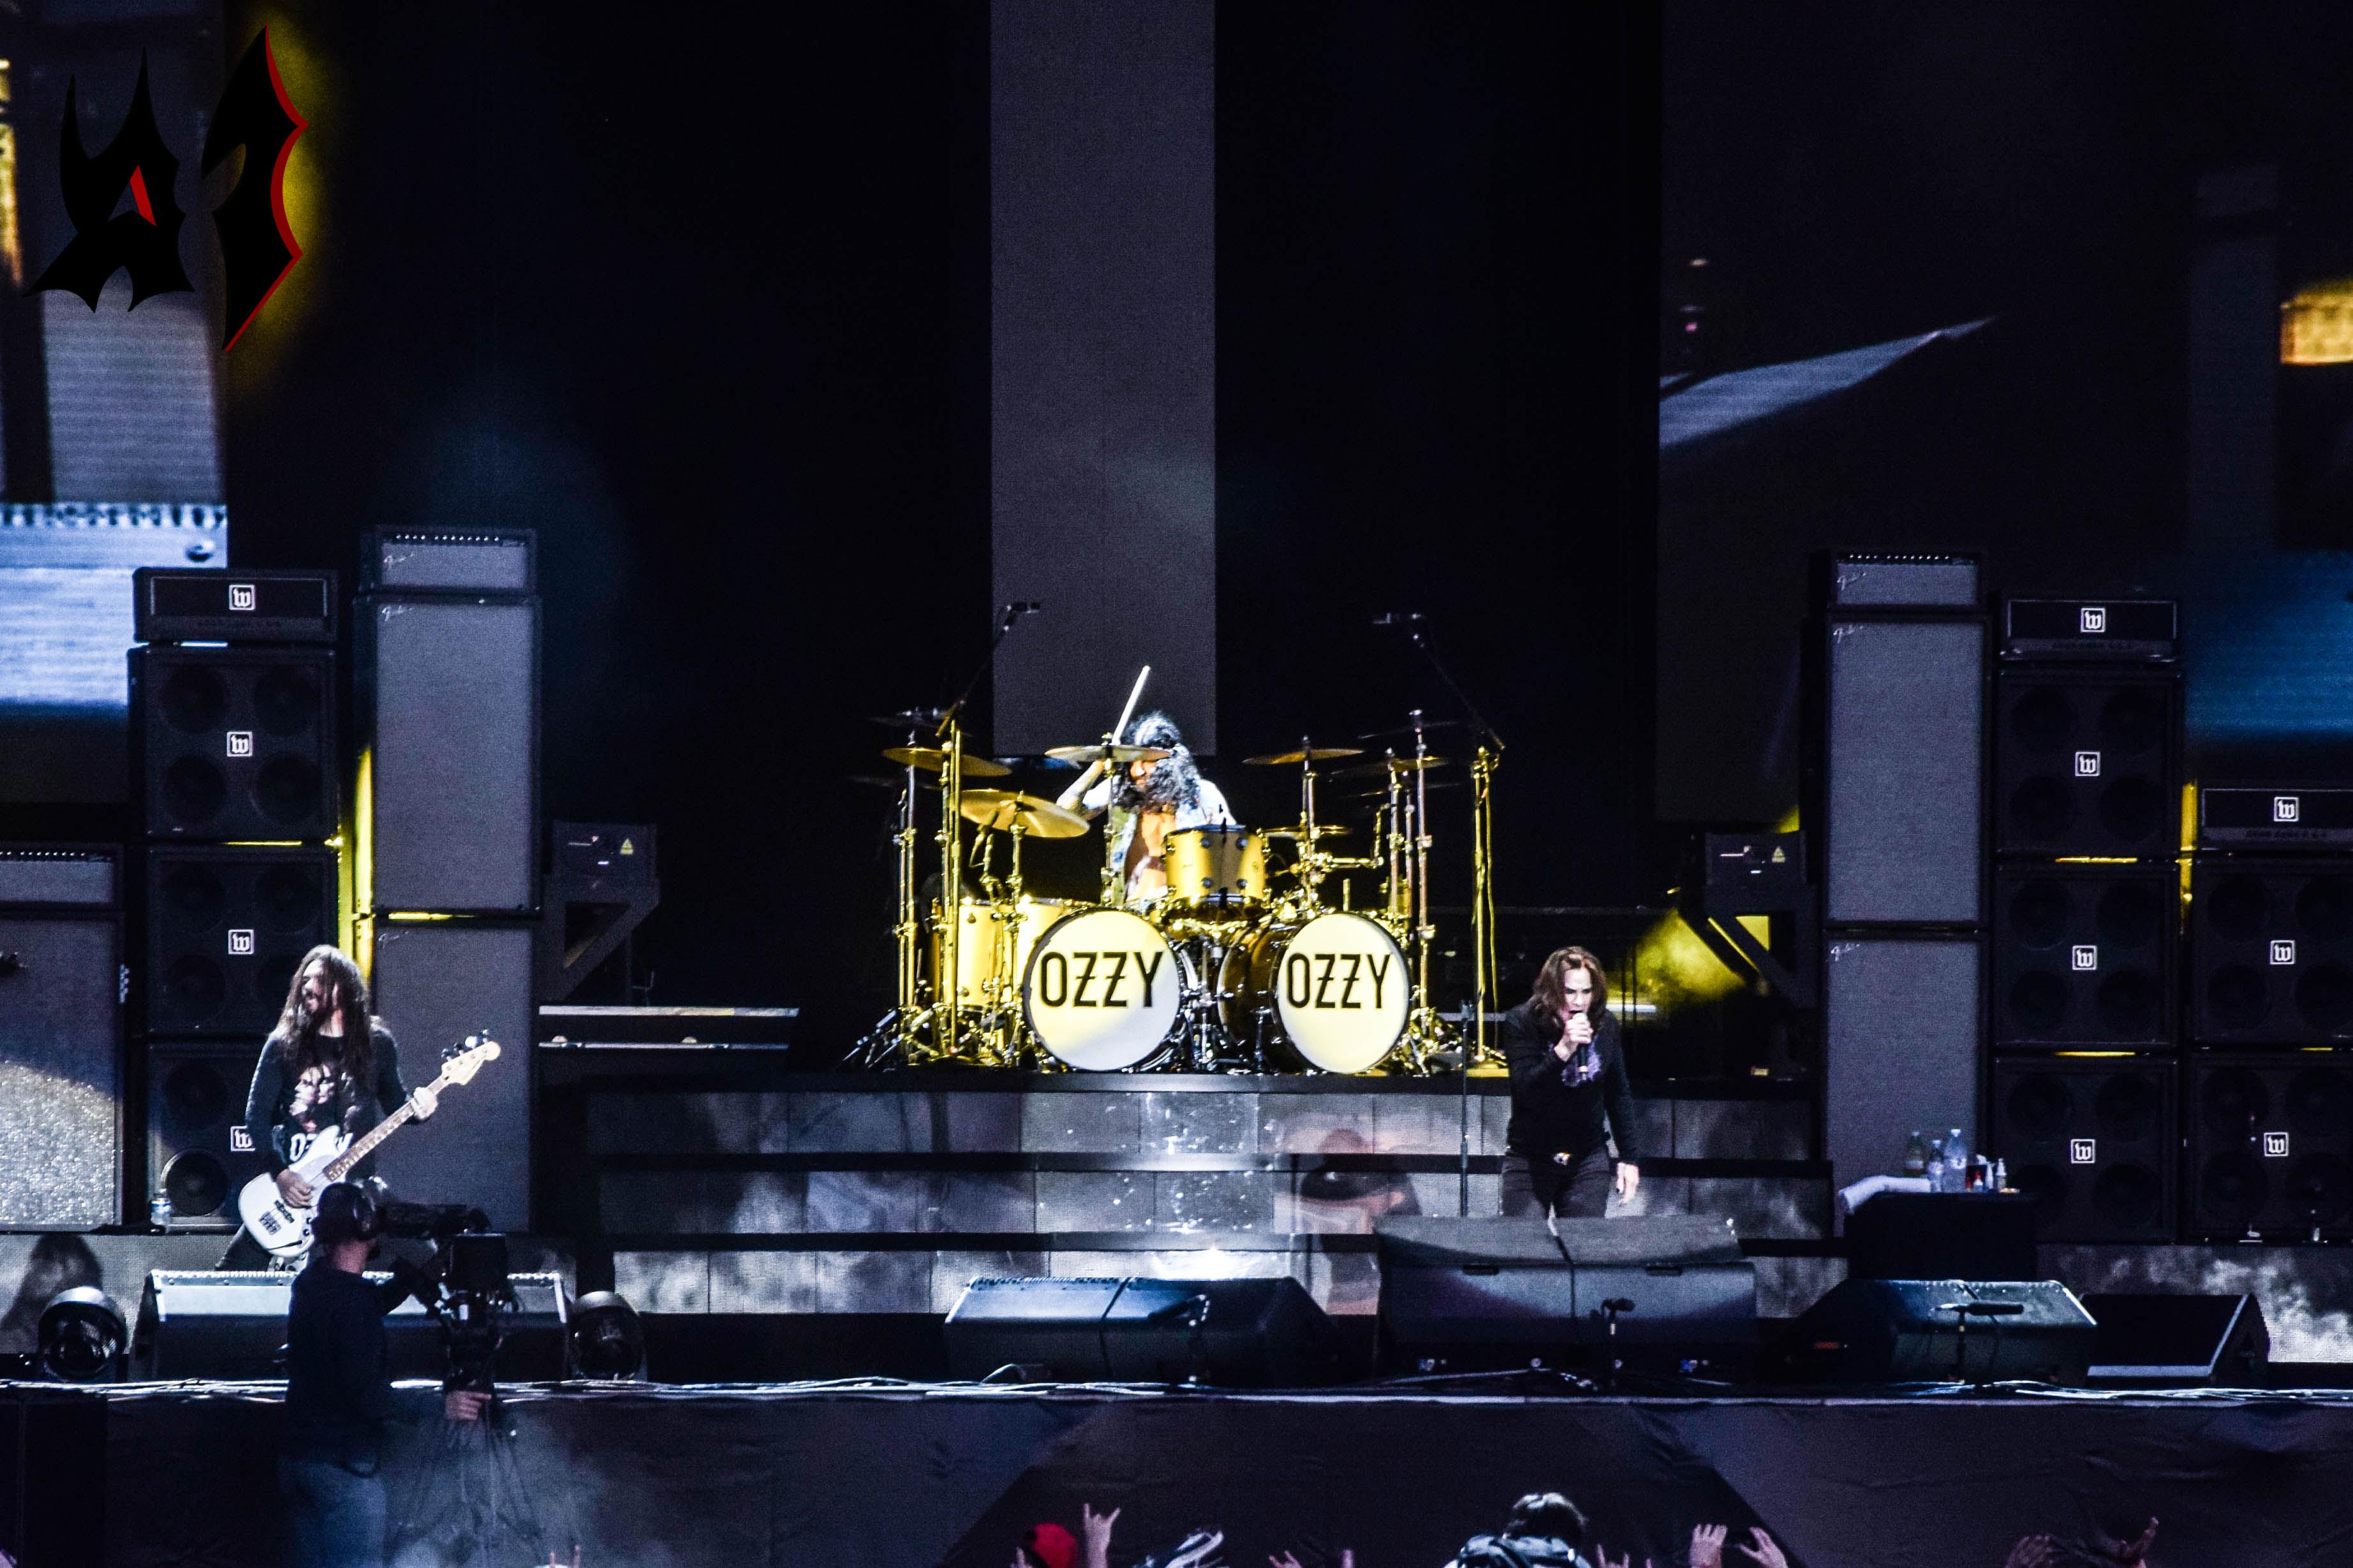 Donwload 2018 – Day 1 - Ozzy Osbourne 2